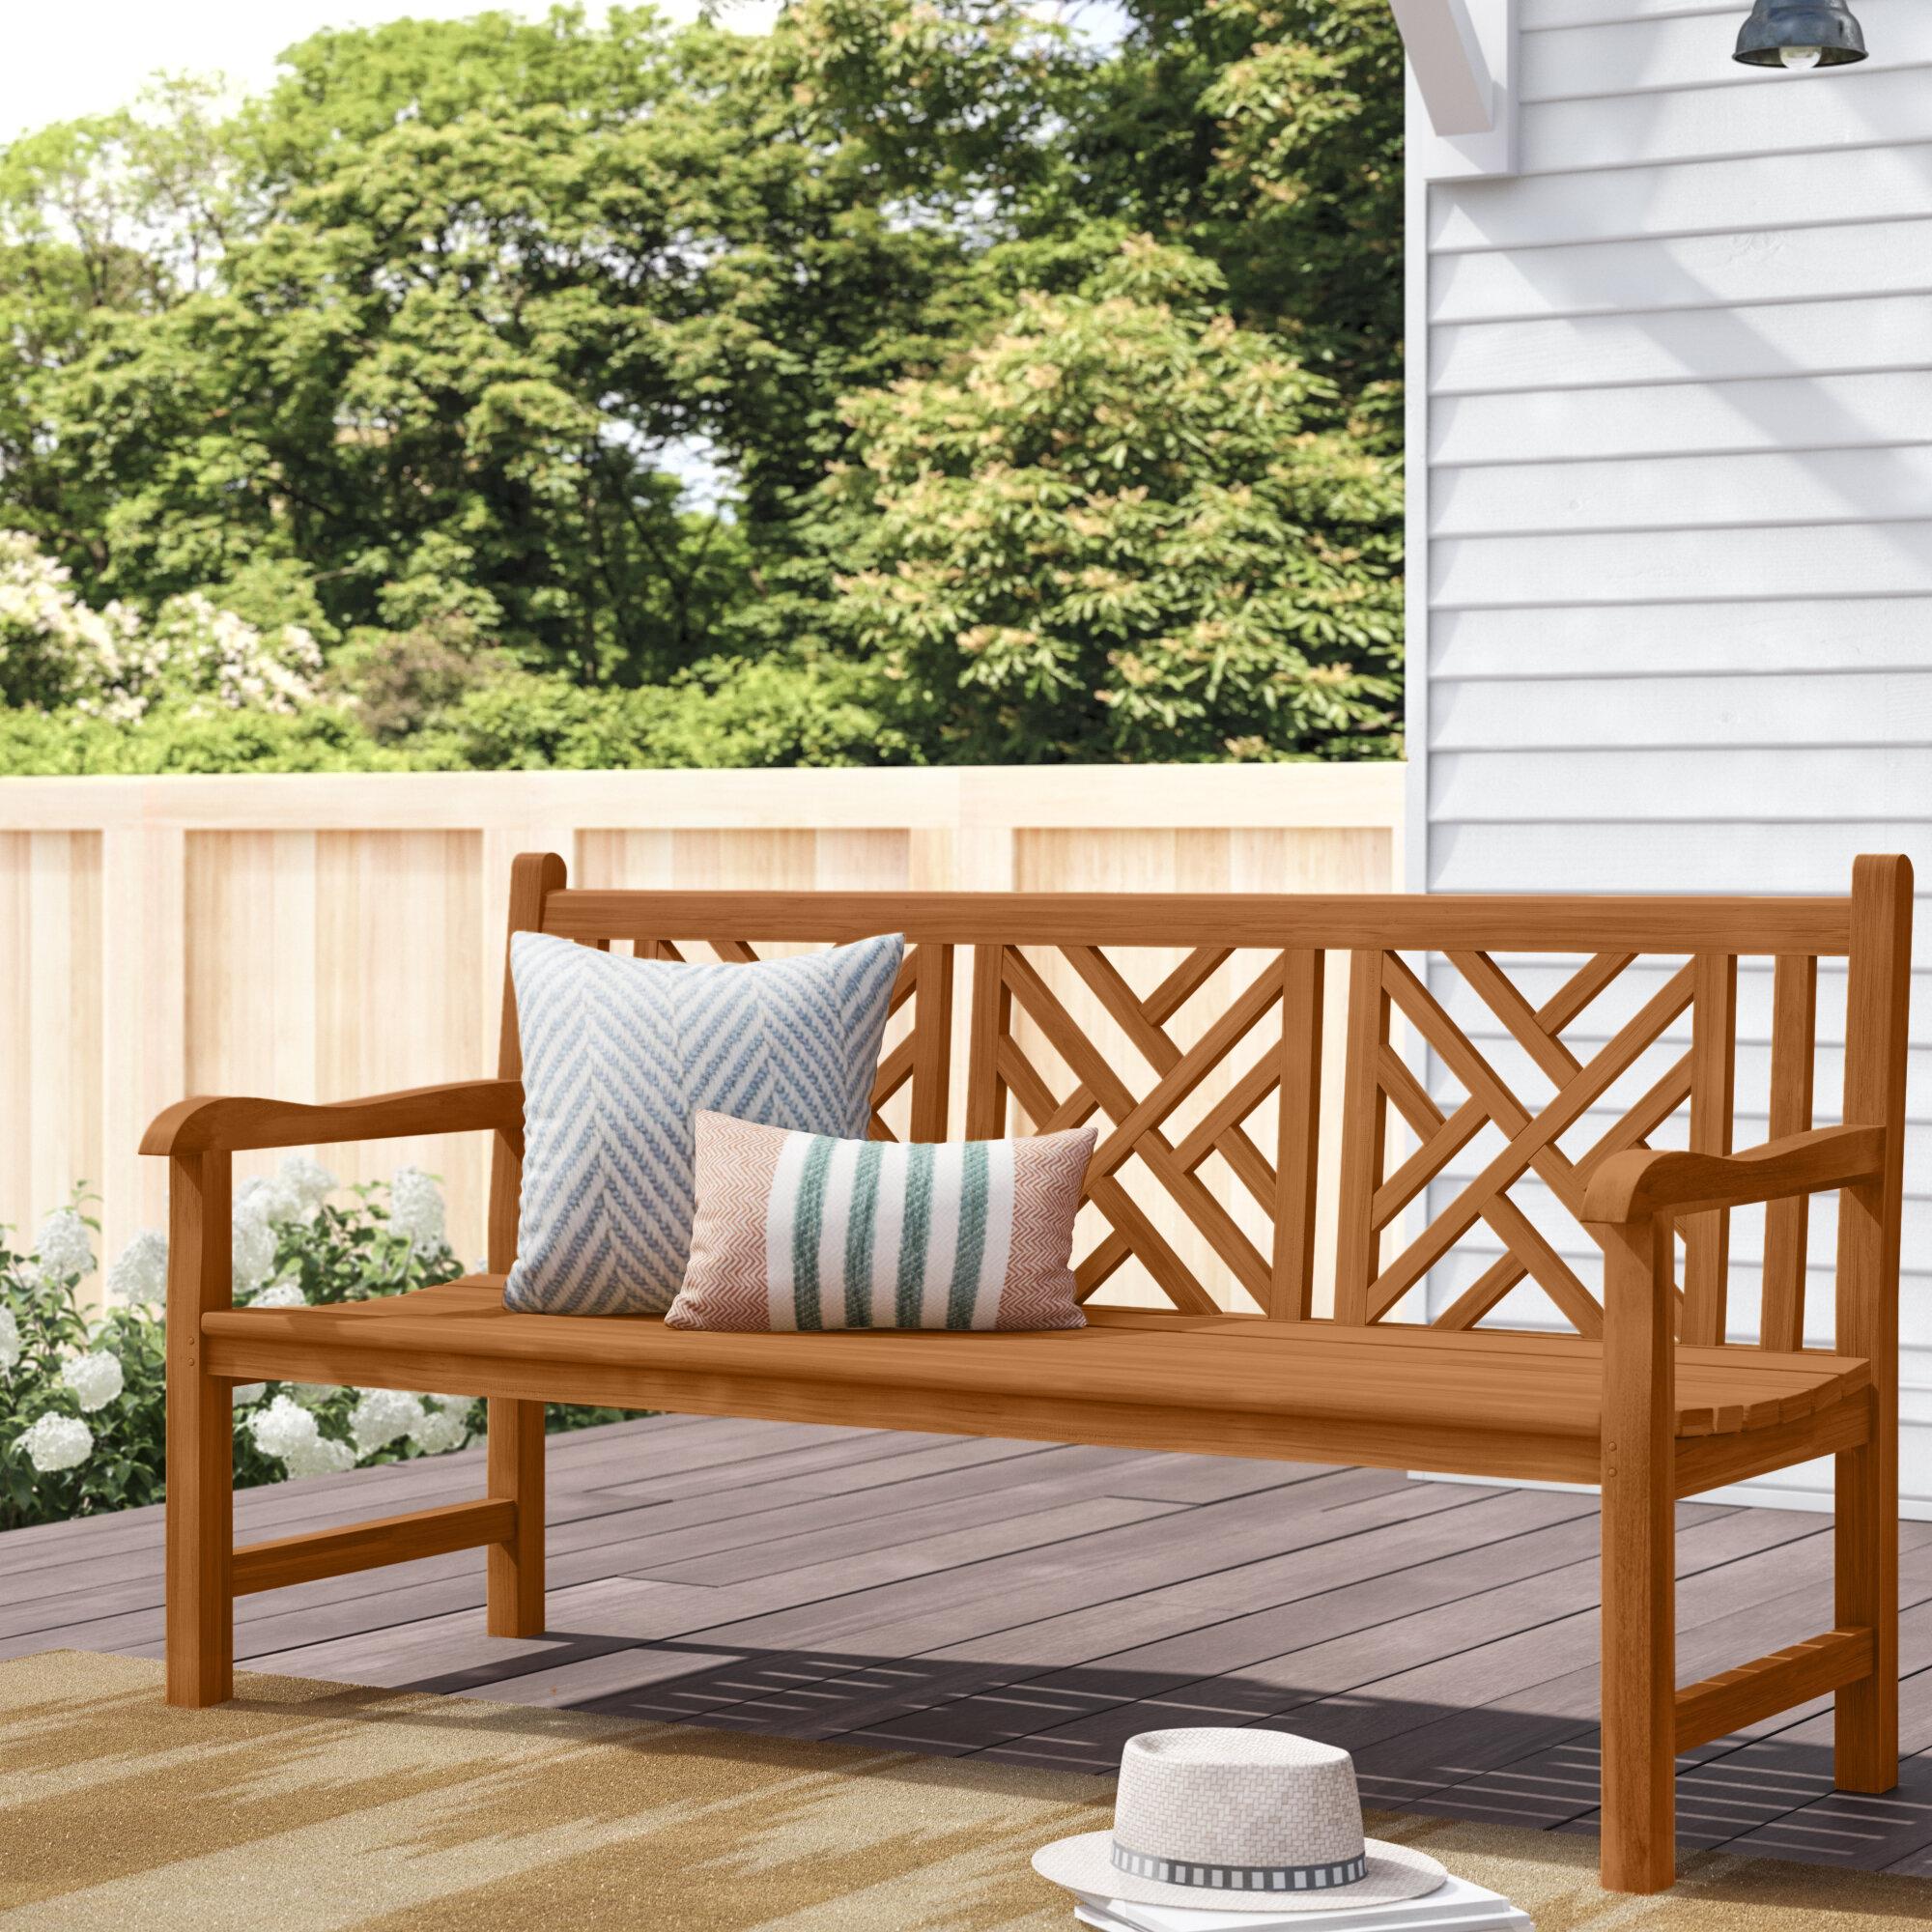 Teak Outdoor Benches You'Ll Love In 2020 | Wayfair In Coleen Outdoor Teak Garden Benches (View 3 of 25)